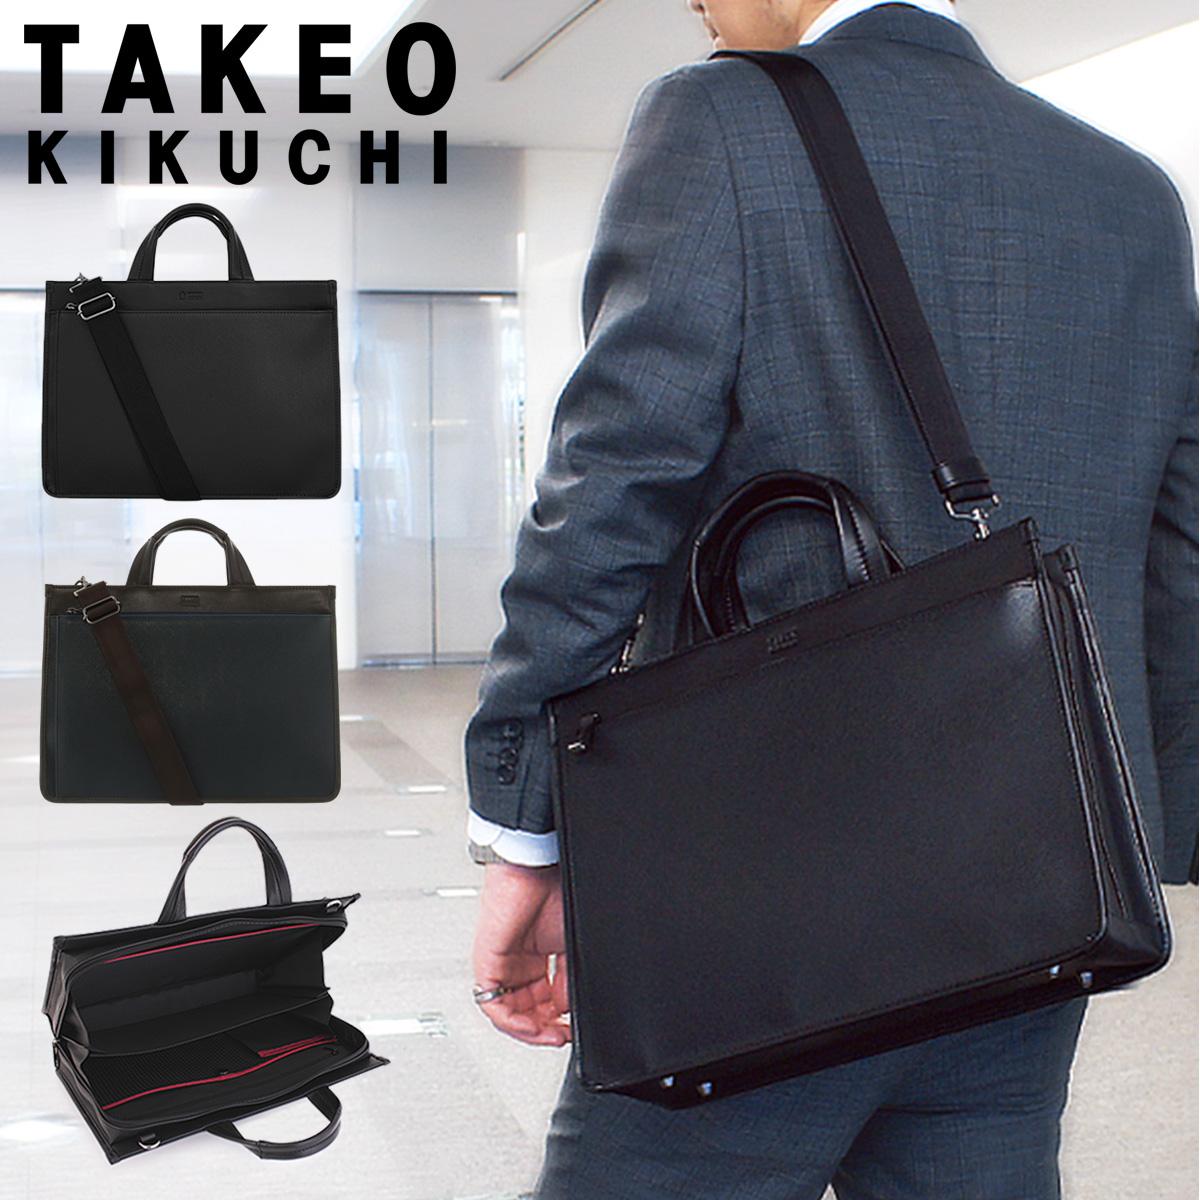 ビジネスバッグ タケオキクチ 2WAY ナビ メンズ 271501 TAKEO KIKUCHI | ブリーフケース A4 使いやすい大容量 キクチタケオ [PO5][bef][即日発送]